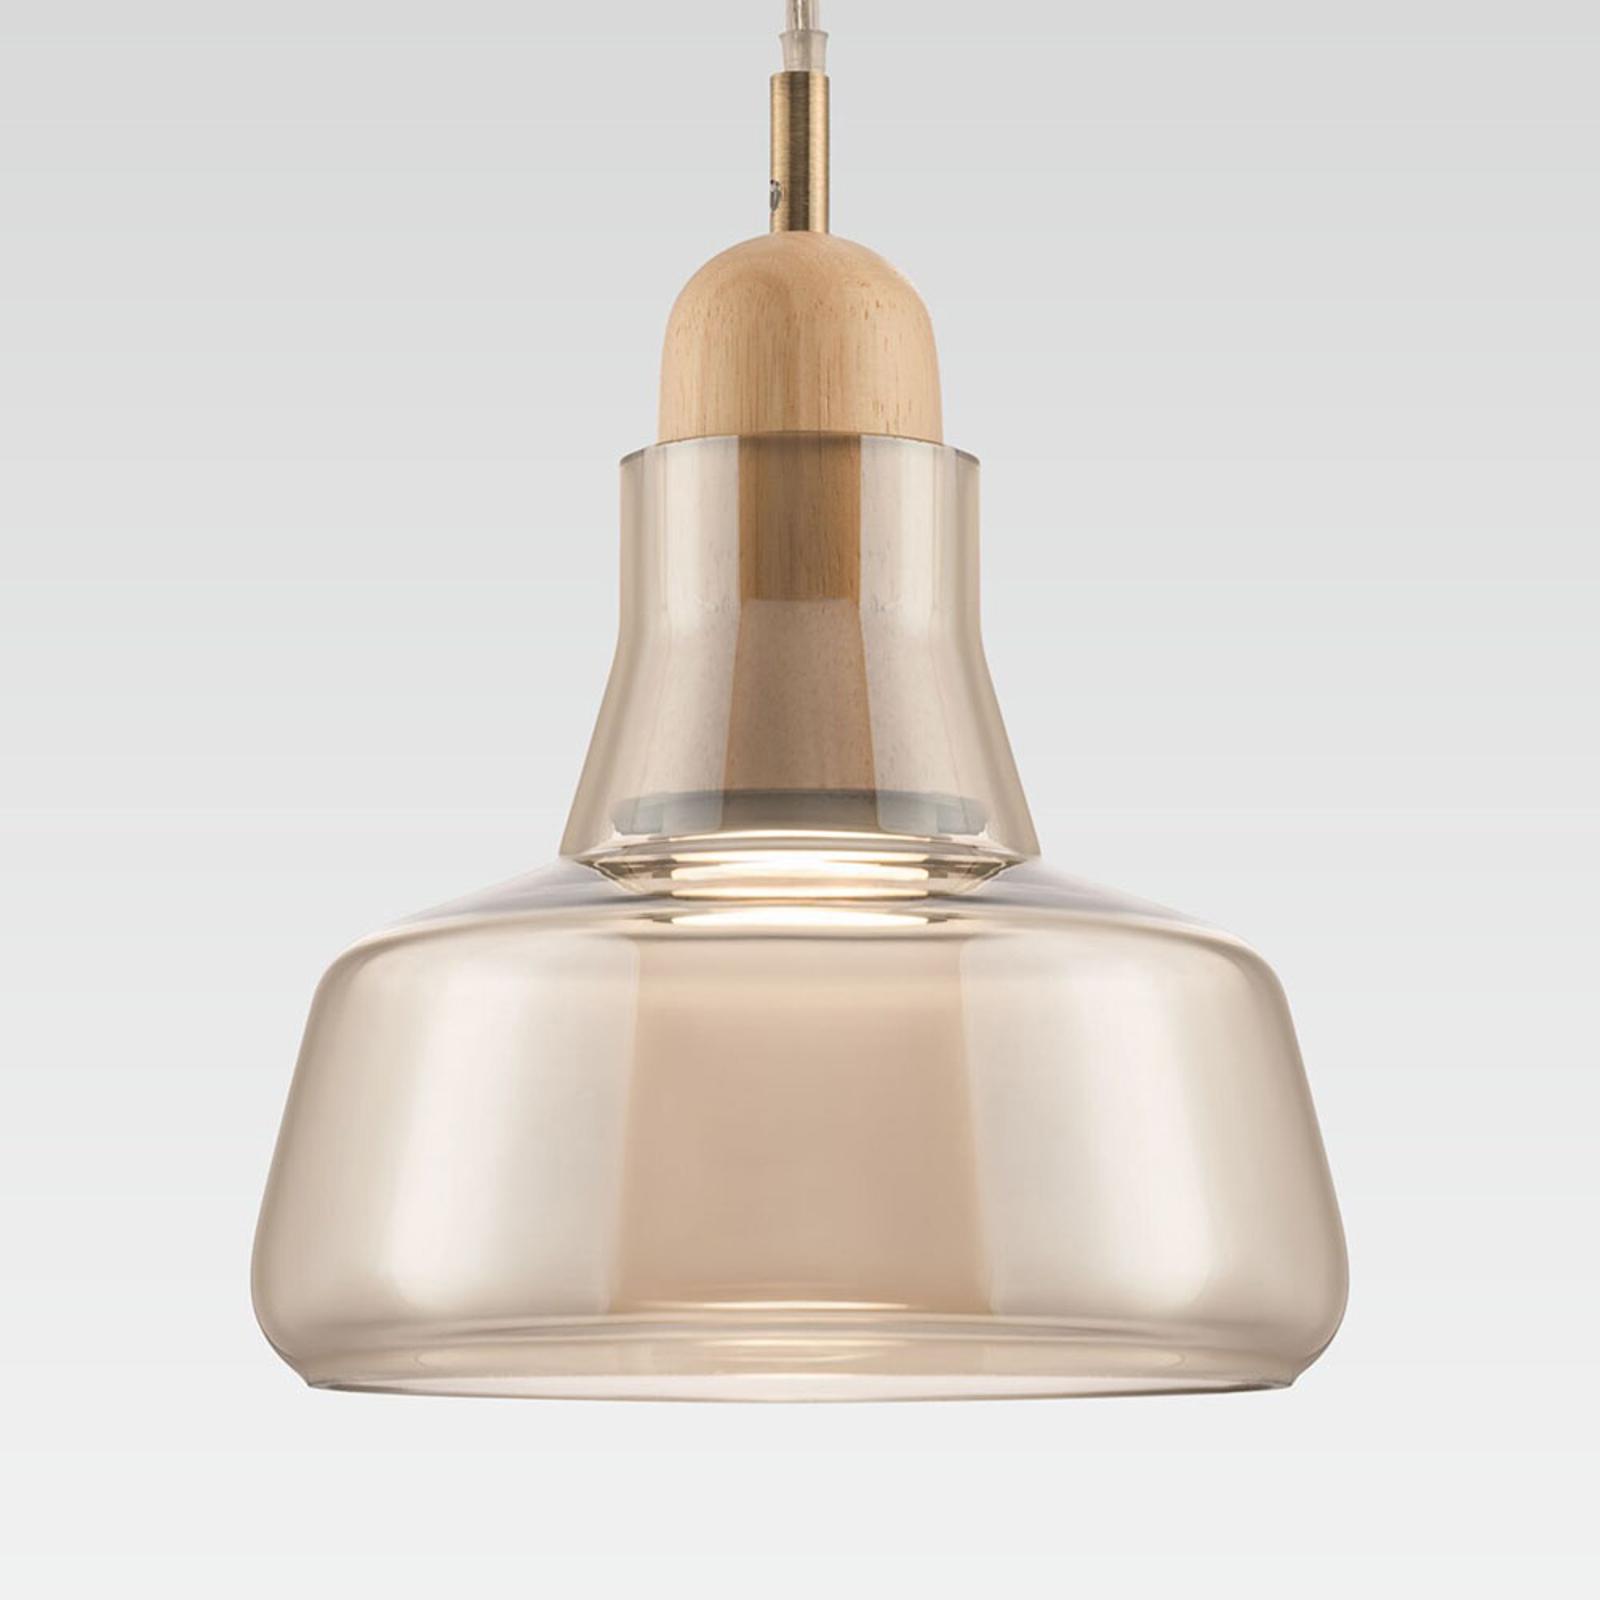 Lampa wisząca Ola szklany klosz Ø 15cm, bursztyn